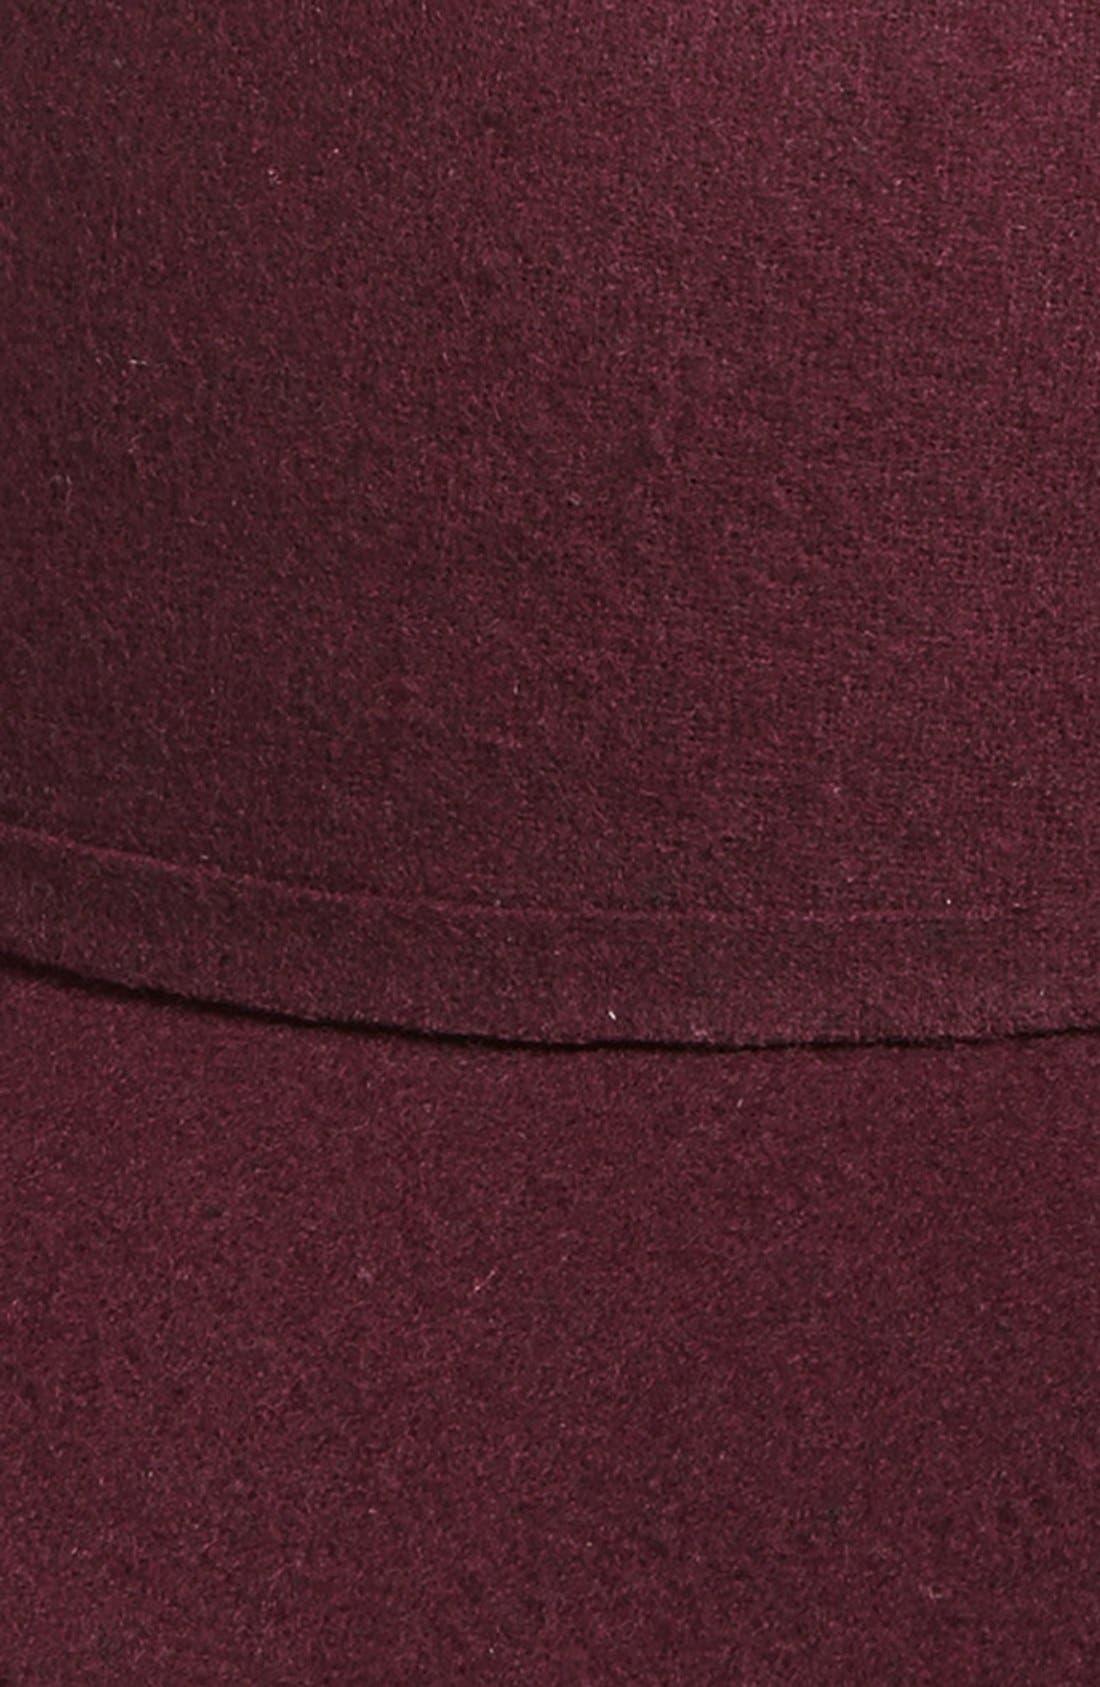 Alternate Image 2  - Leith Floppy Felt Hat